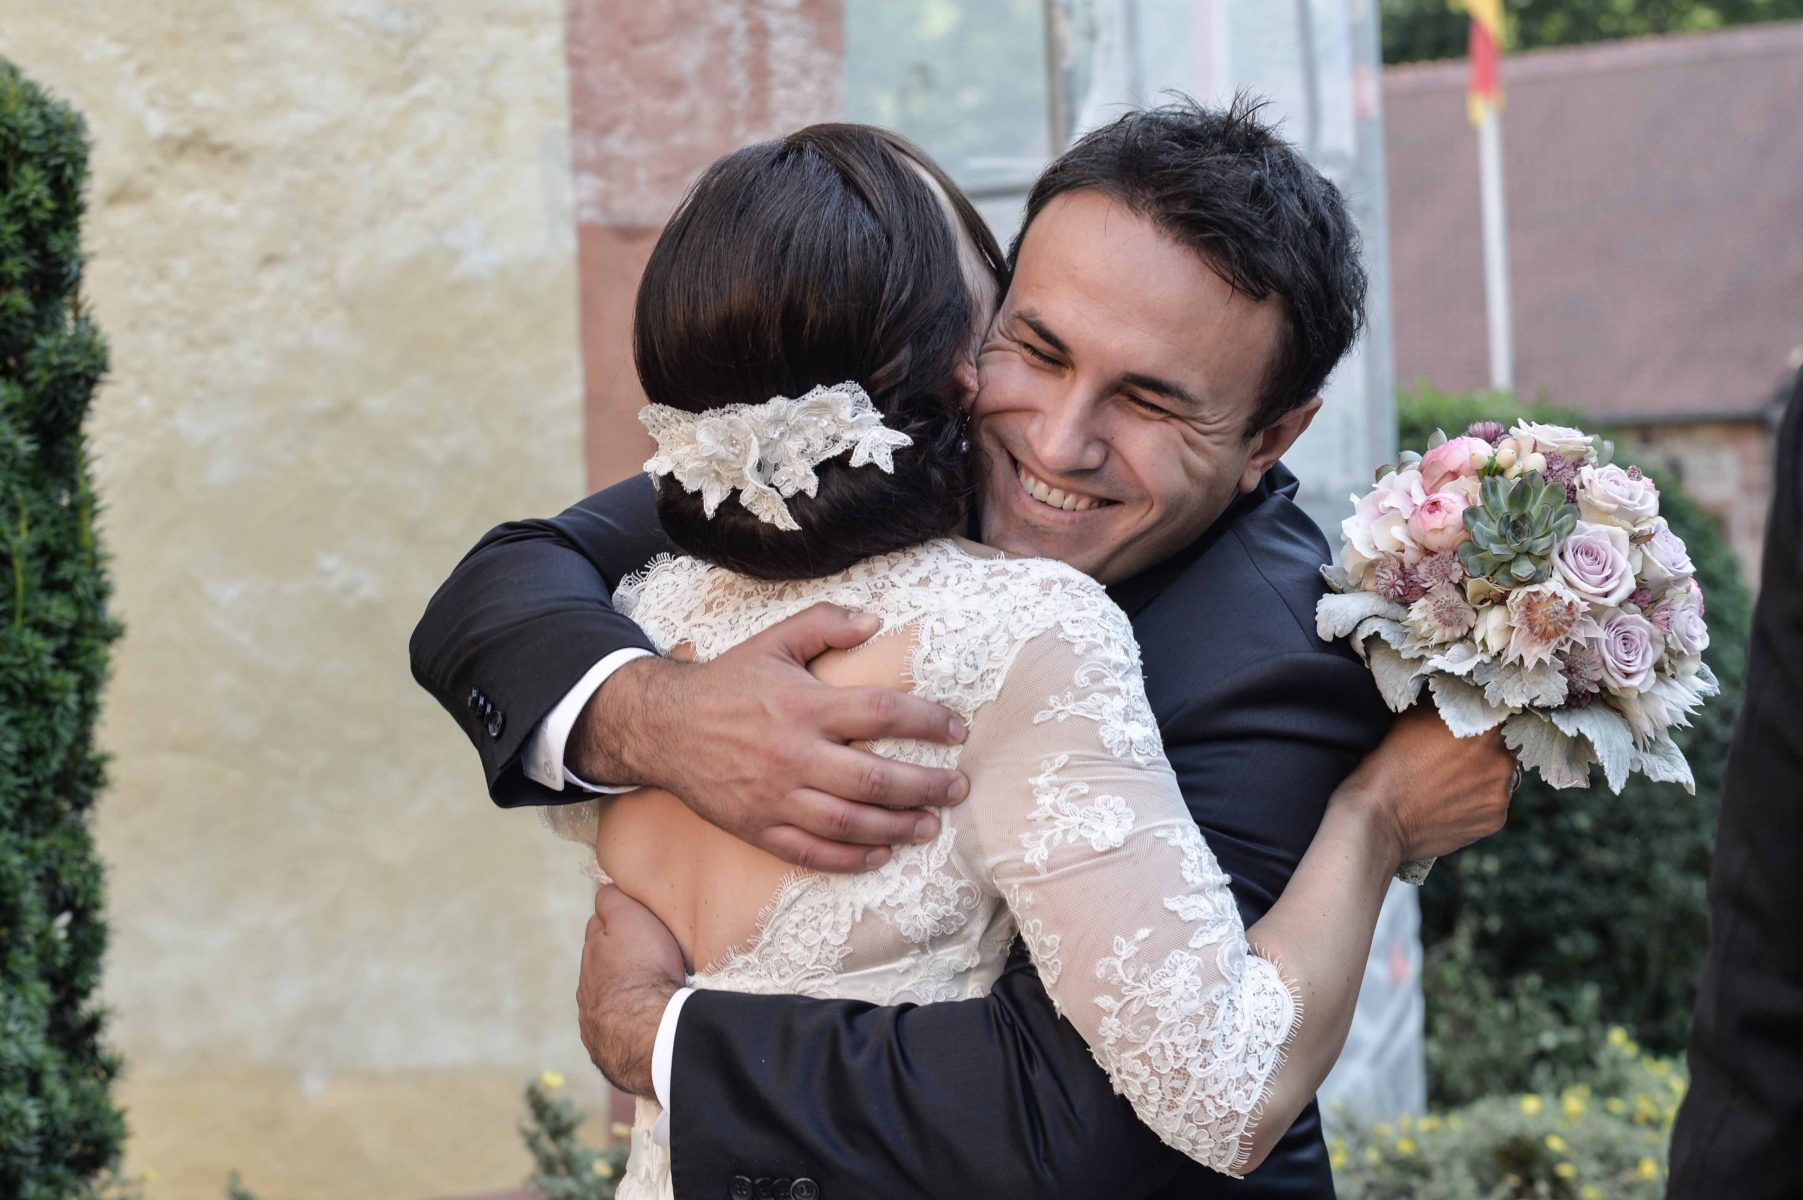 Hochzeit Gratulation B2000 5292 1803x1200 - GRATULATION & EMOTION